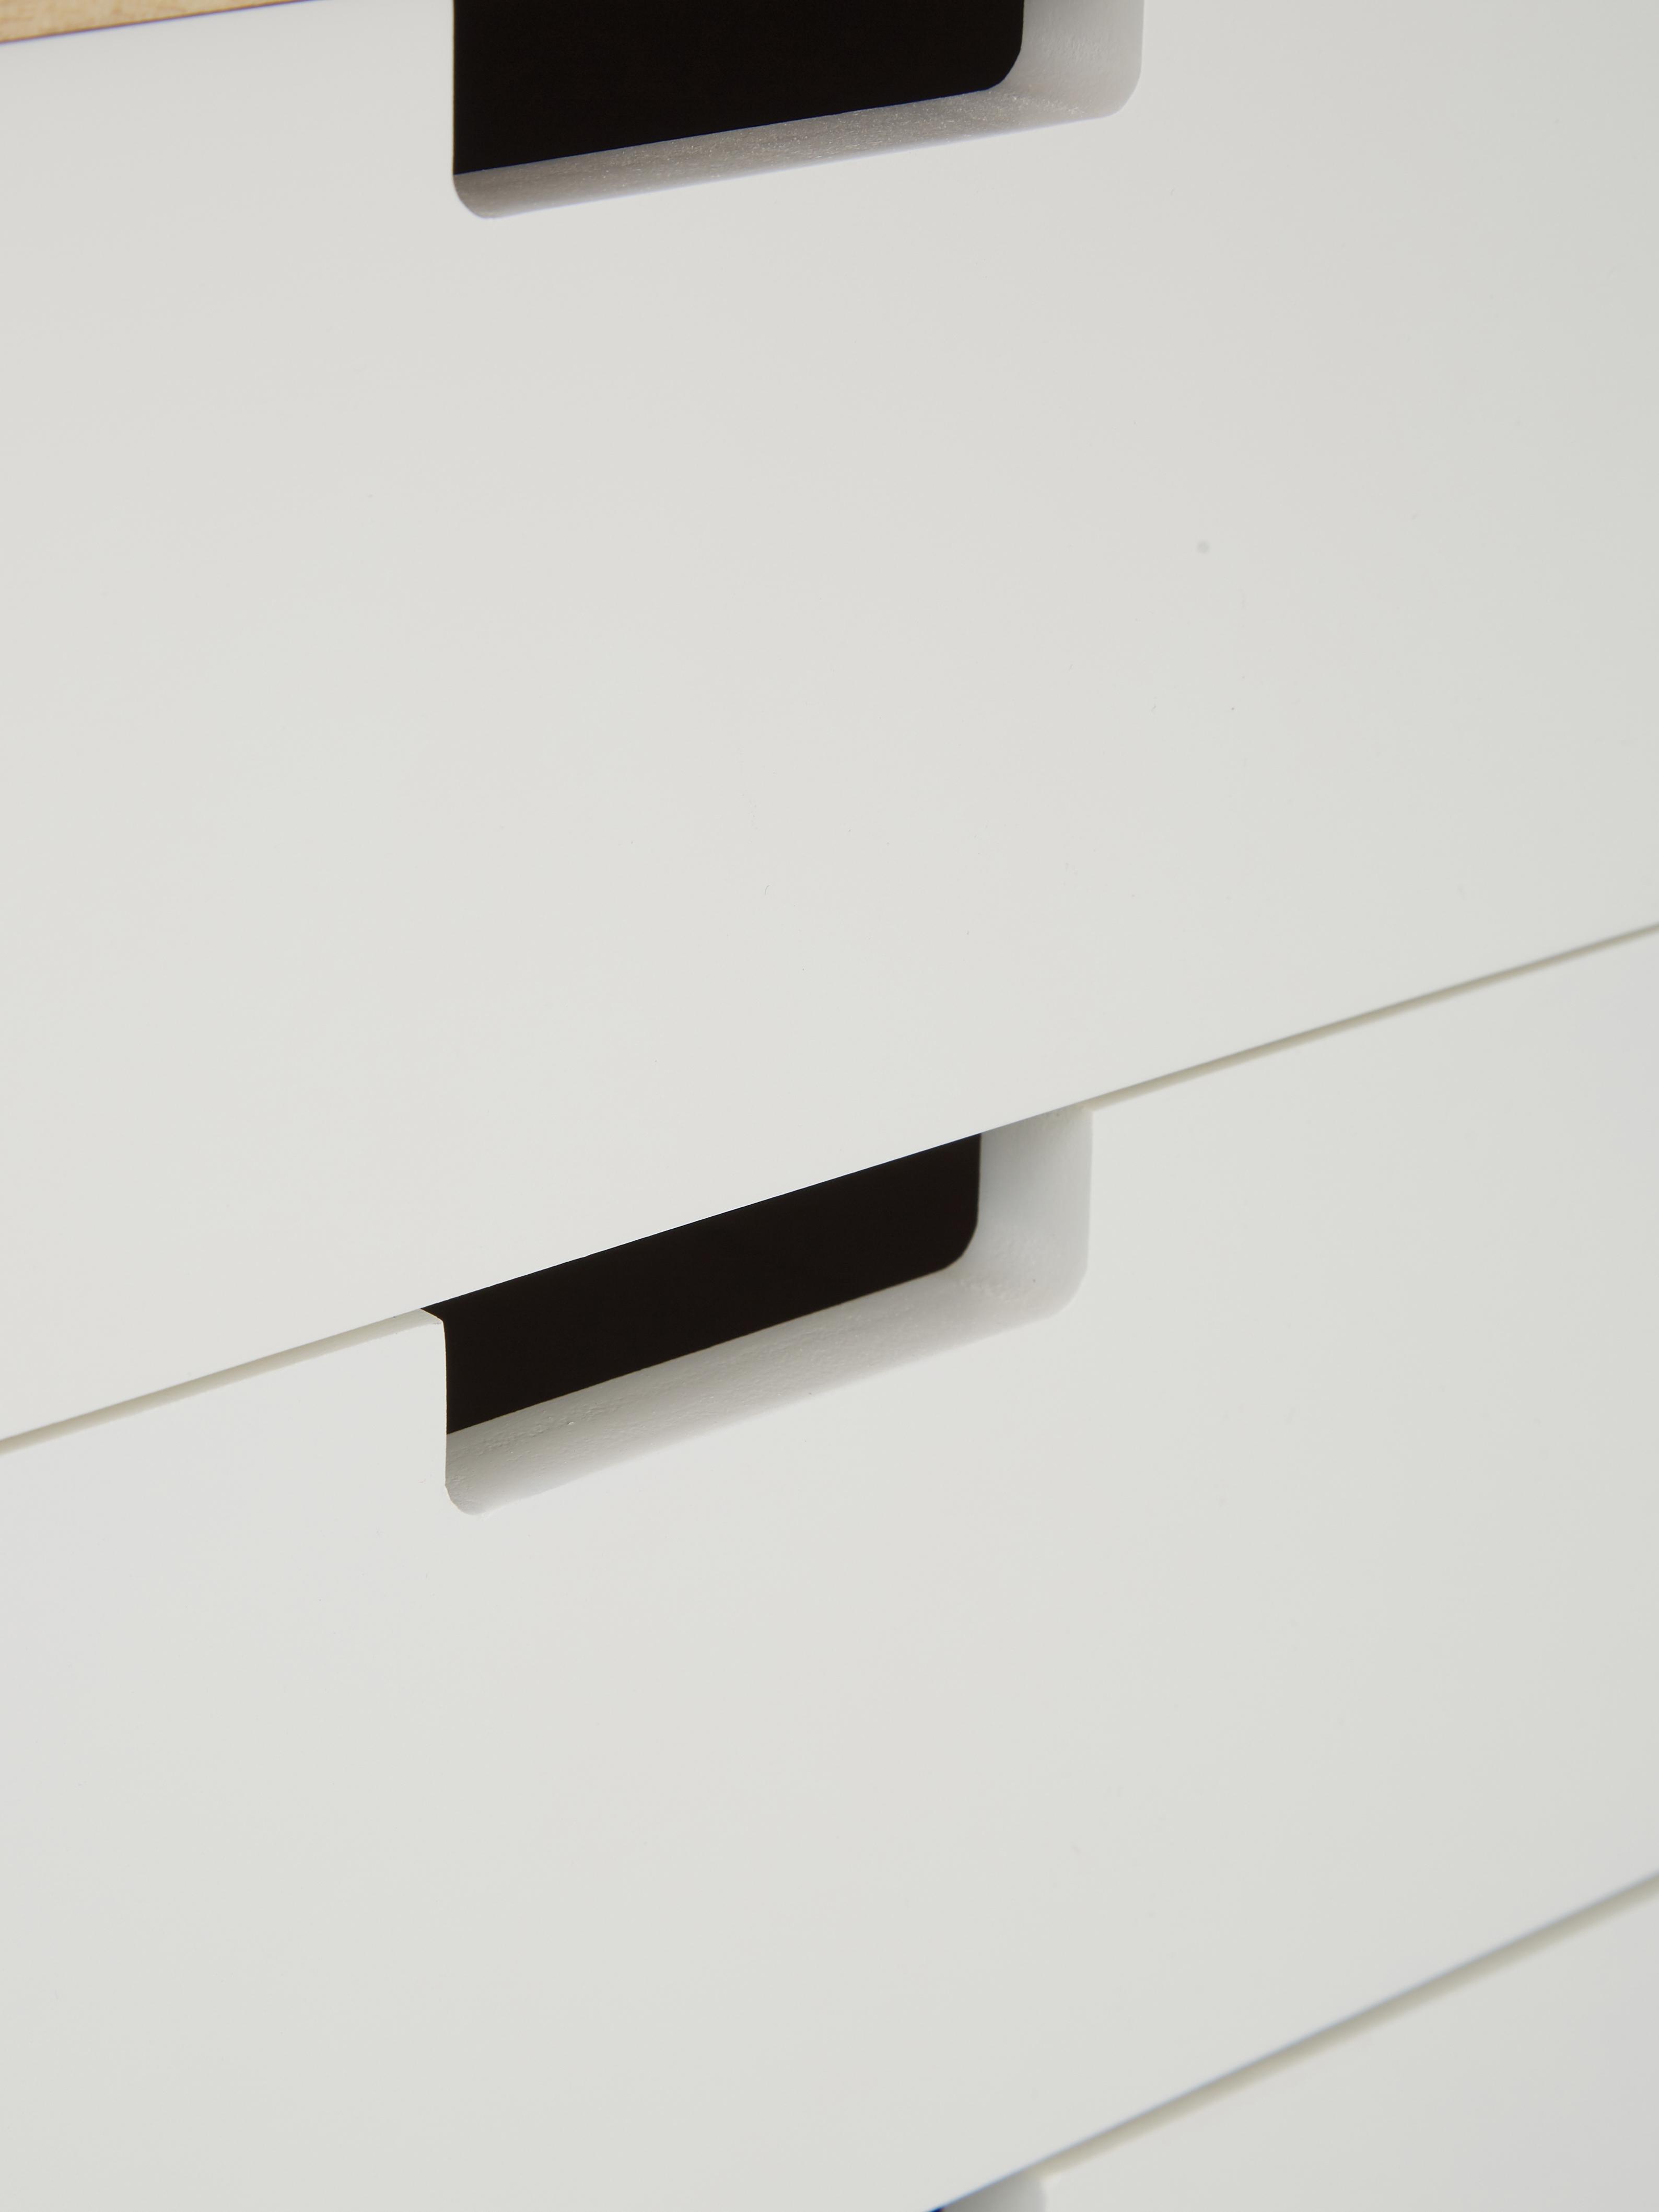 Schubladenkommode Milano, Korpus: Mitteldichte Holzfaserpla, Weiss, Paulowniaholz, 79 x 65 cm